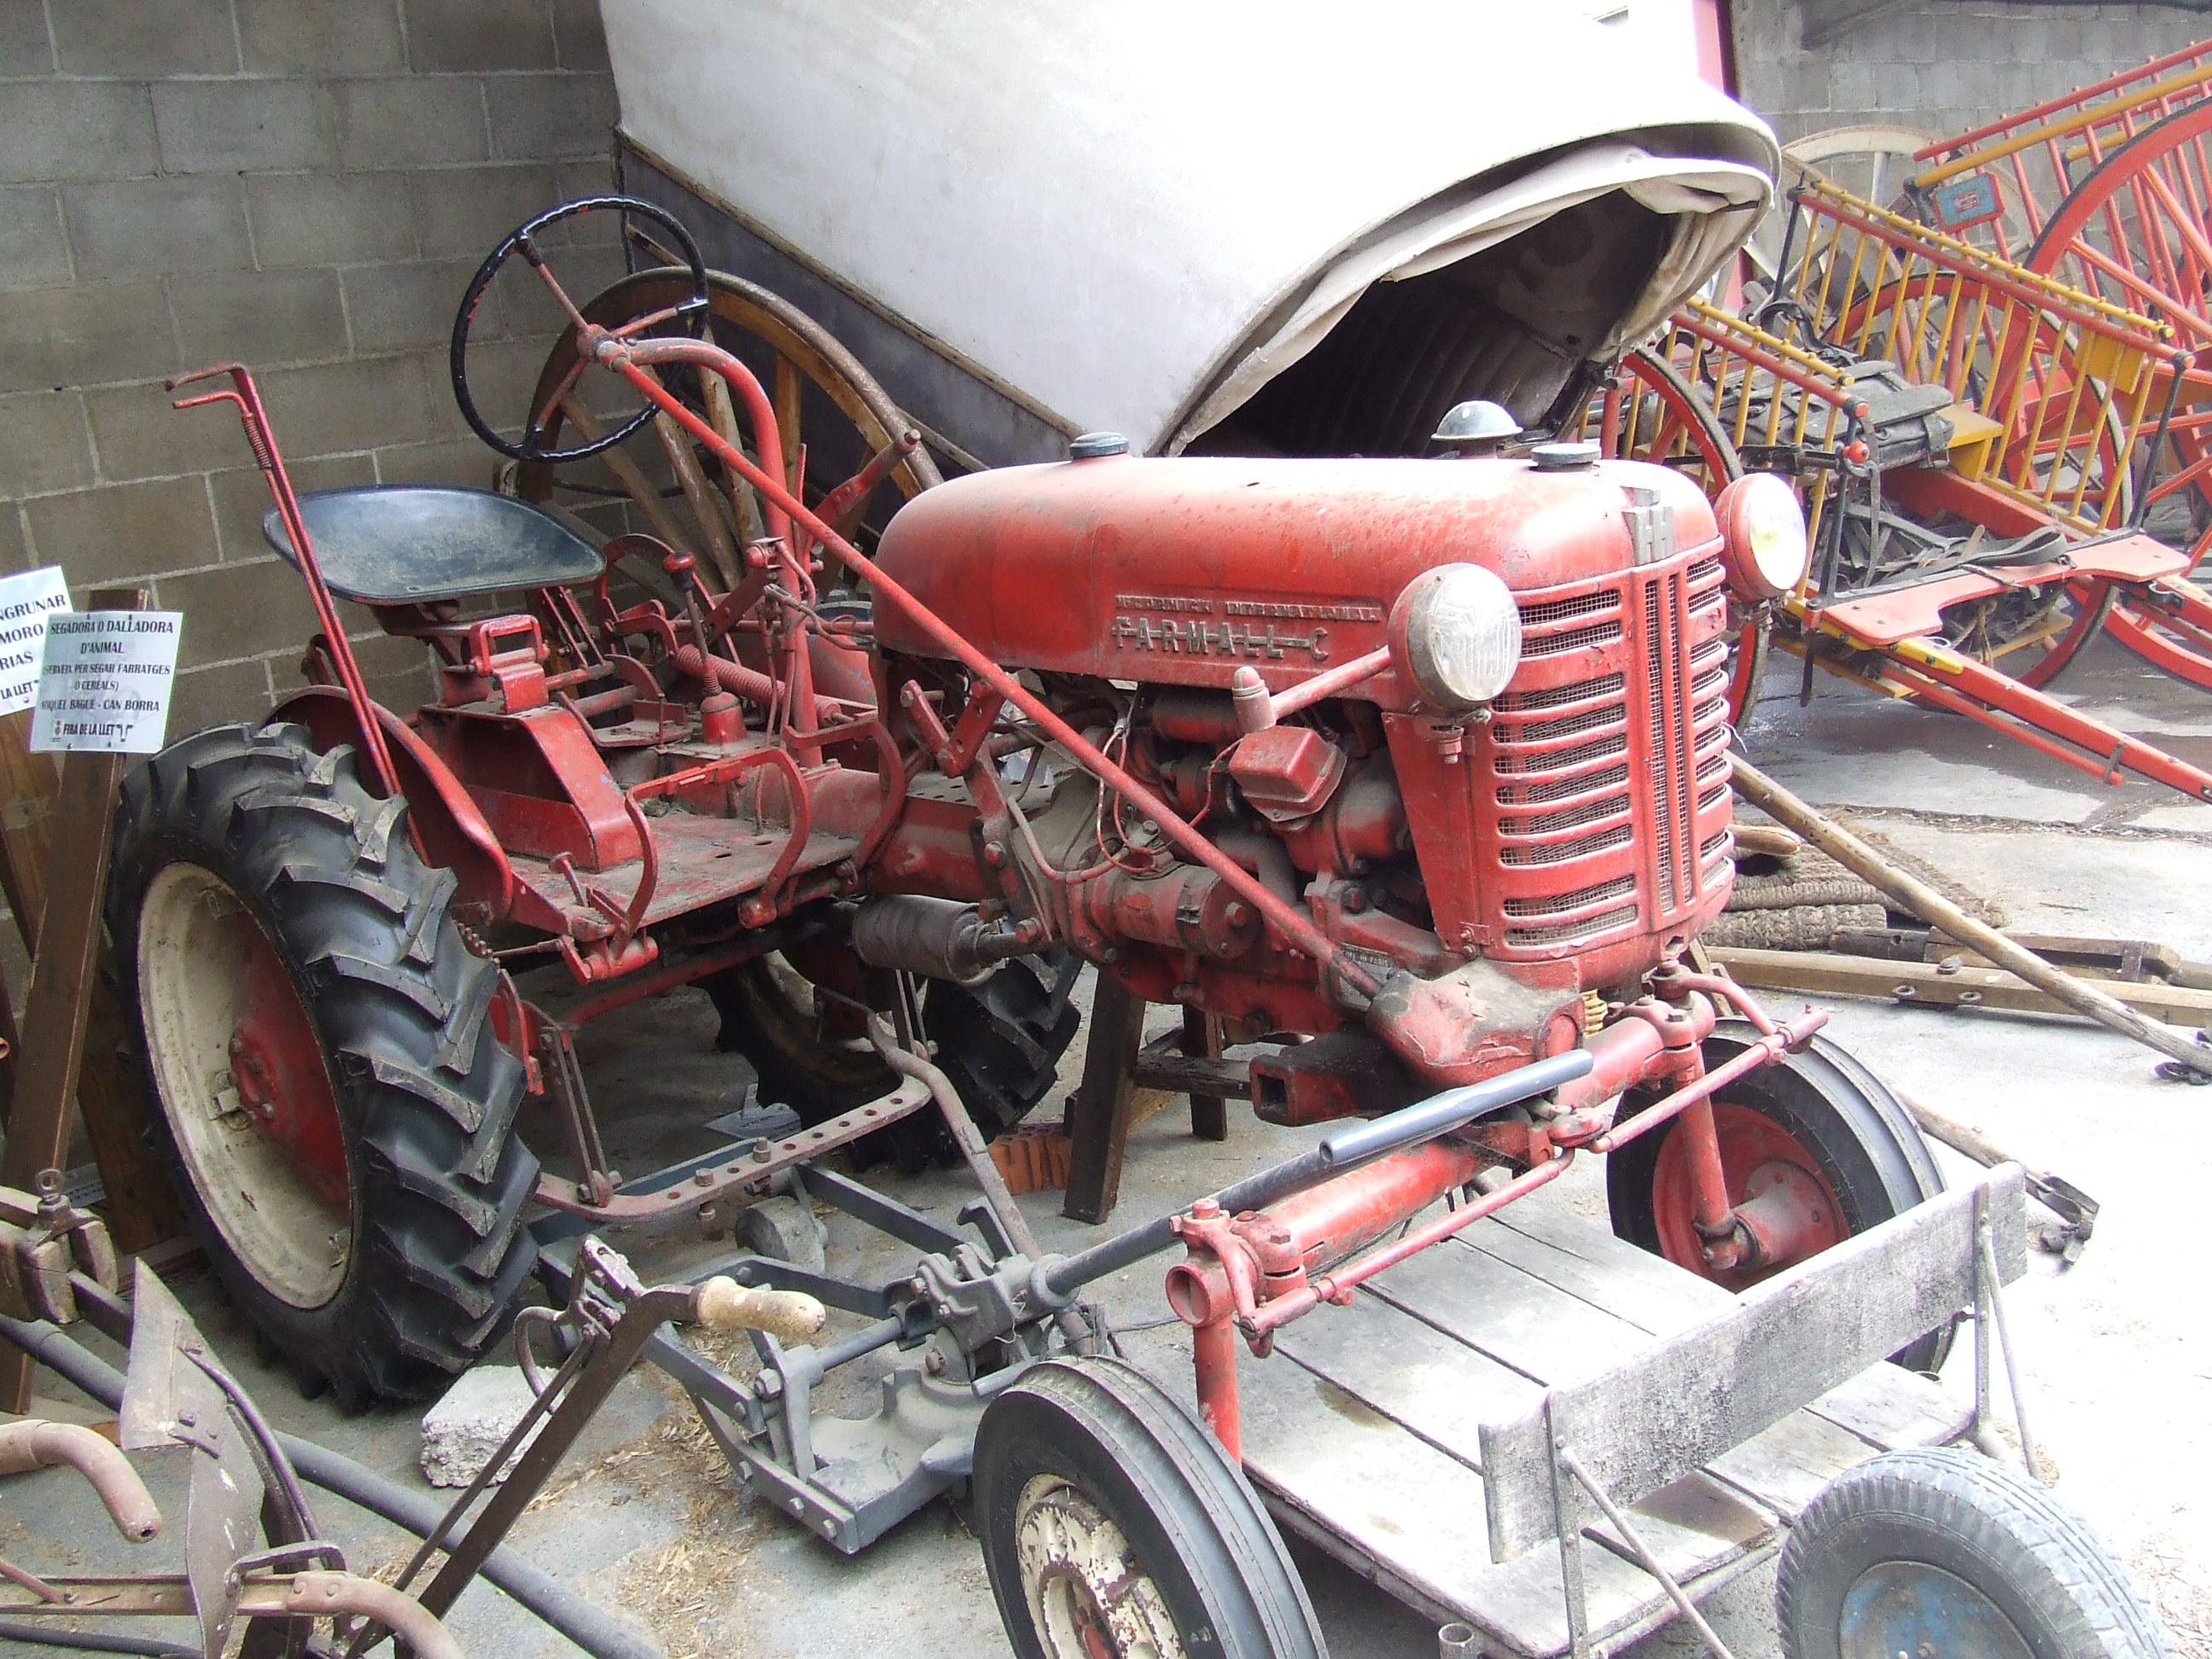 Visita familiar a una granja para ato natura farmarunning - Herramientas de campo antiguas ...